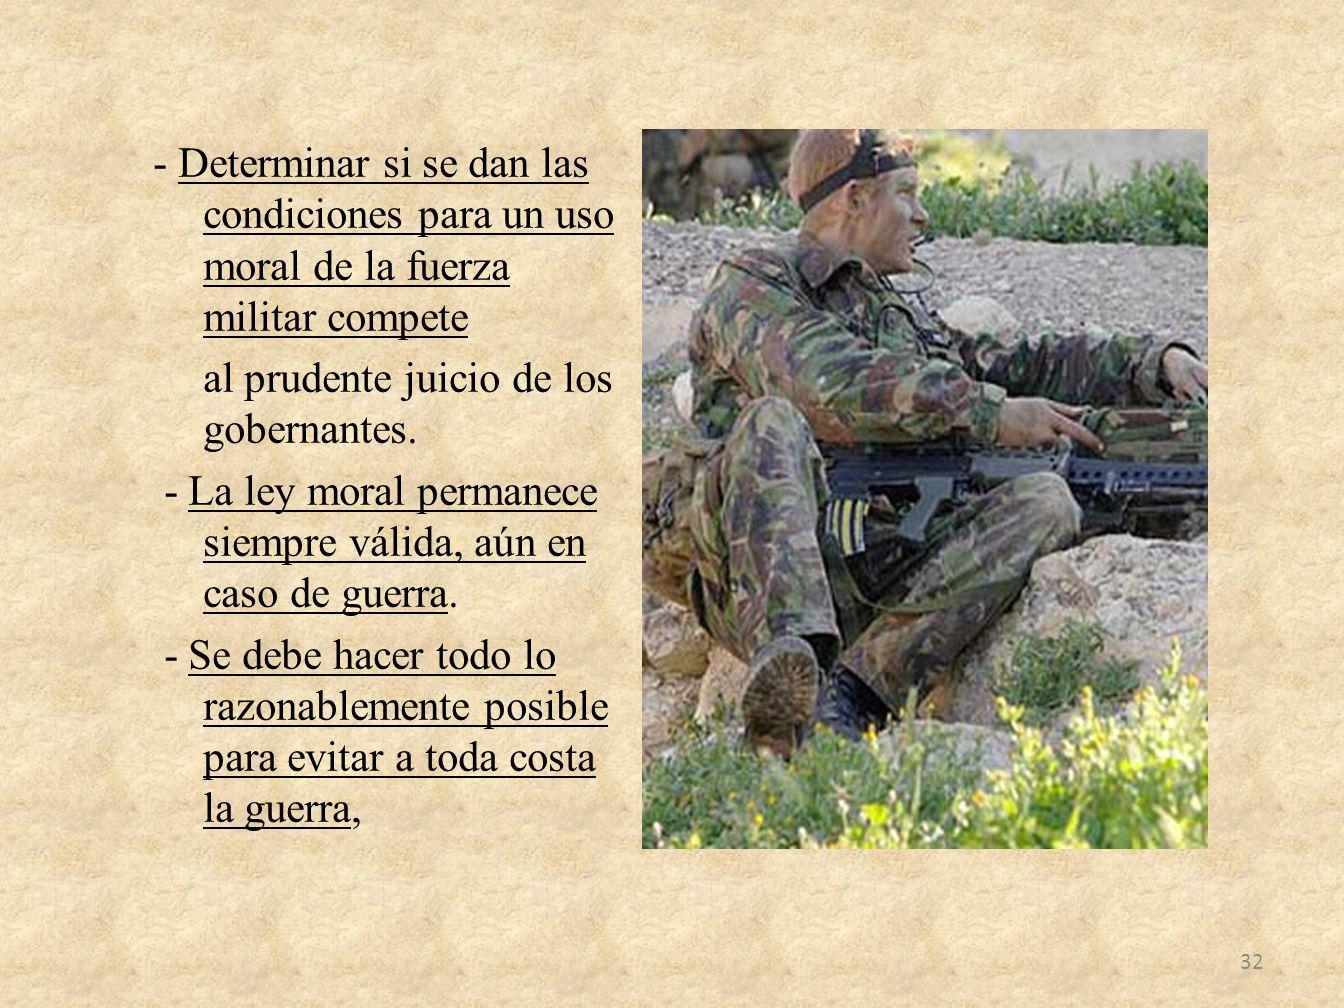 - Determinar si se dan las condiciones para un uso moral de la fuerza militar compete al prudente juicio de los gobernantes. - La ley moral permanece